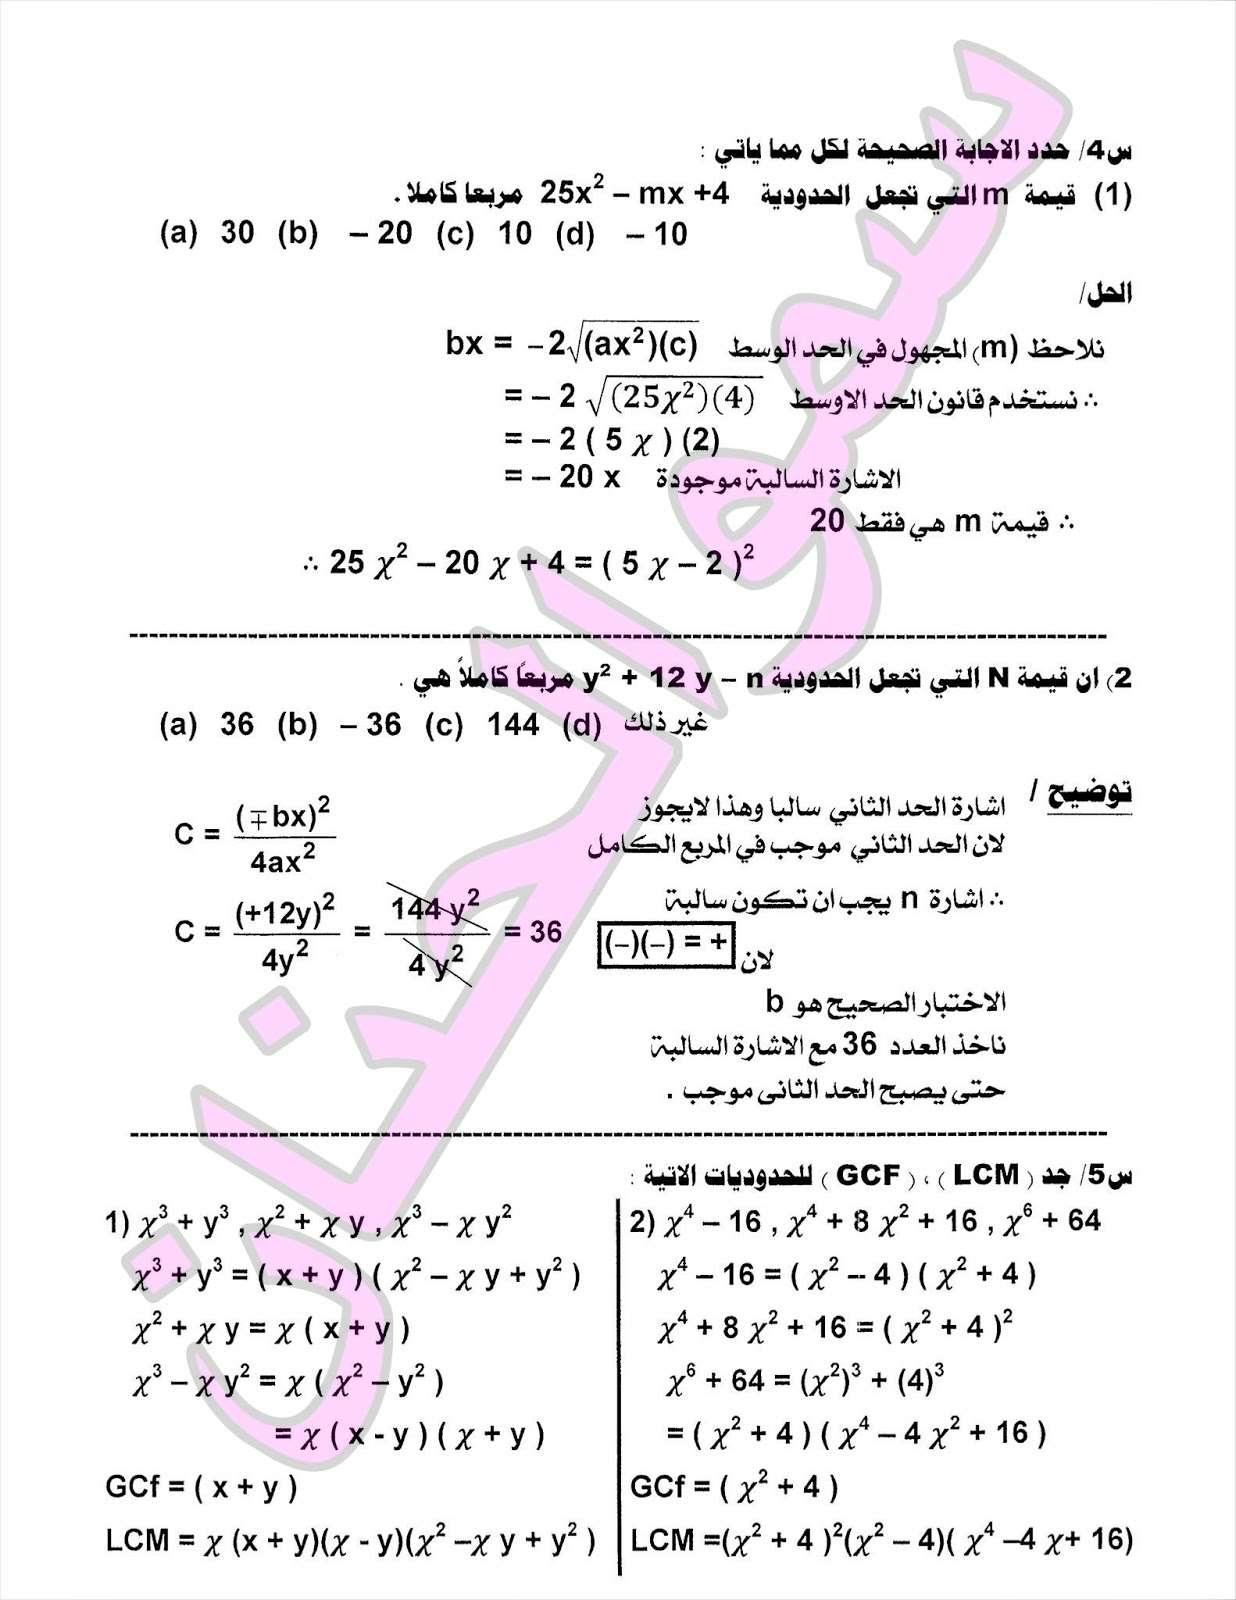 المراجعة المركزة وملخص لمادة الرياضيات للصف الثالث المتوسط 2017   الجزء 1 9910